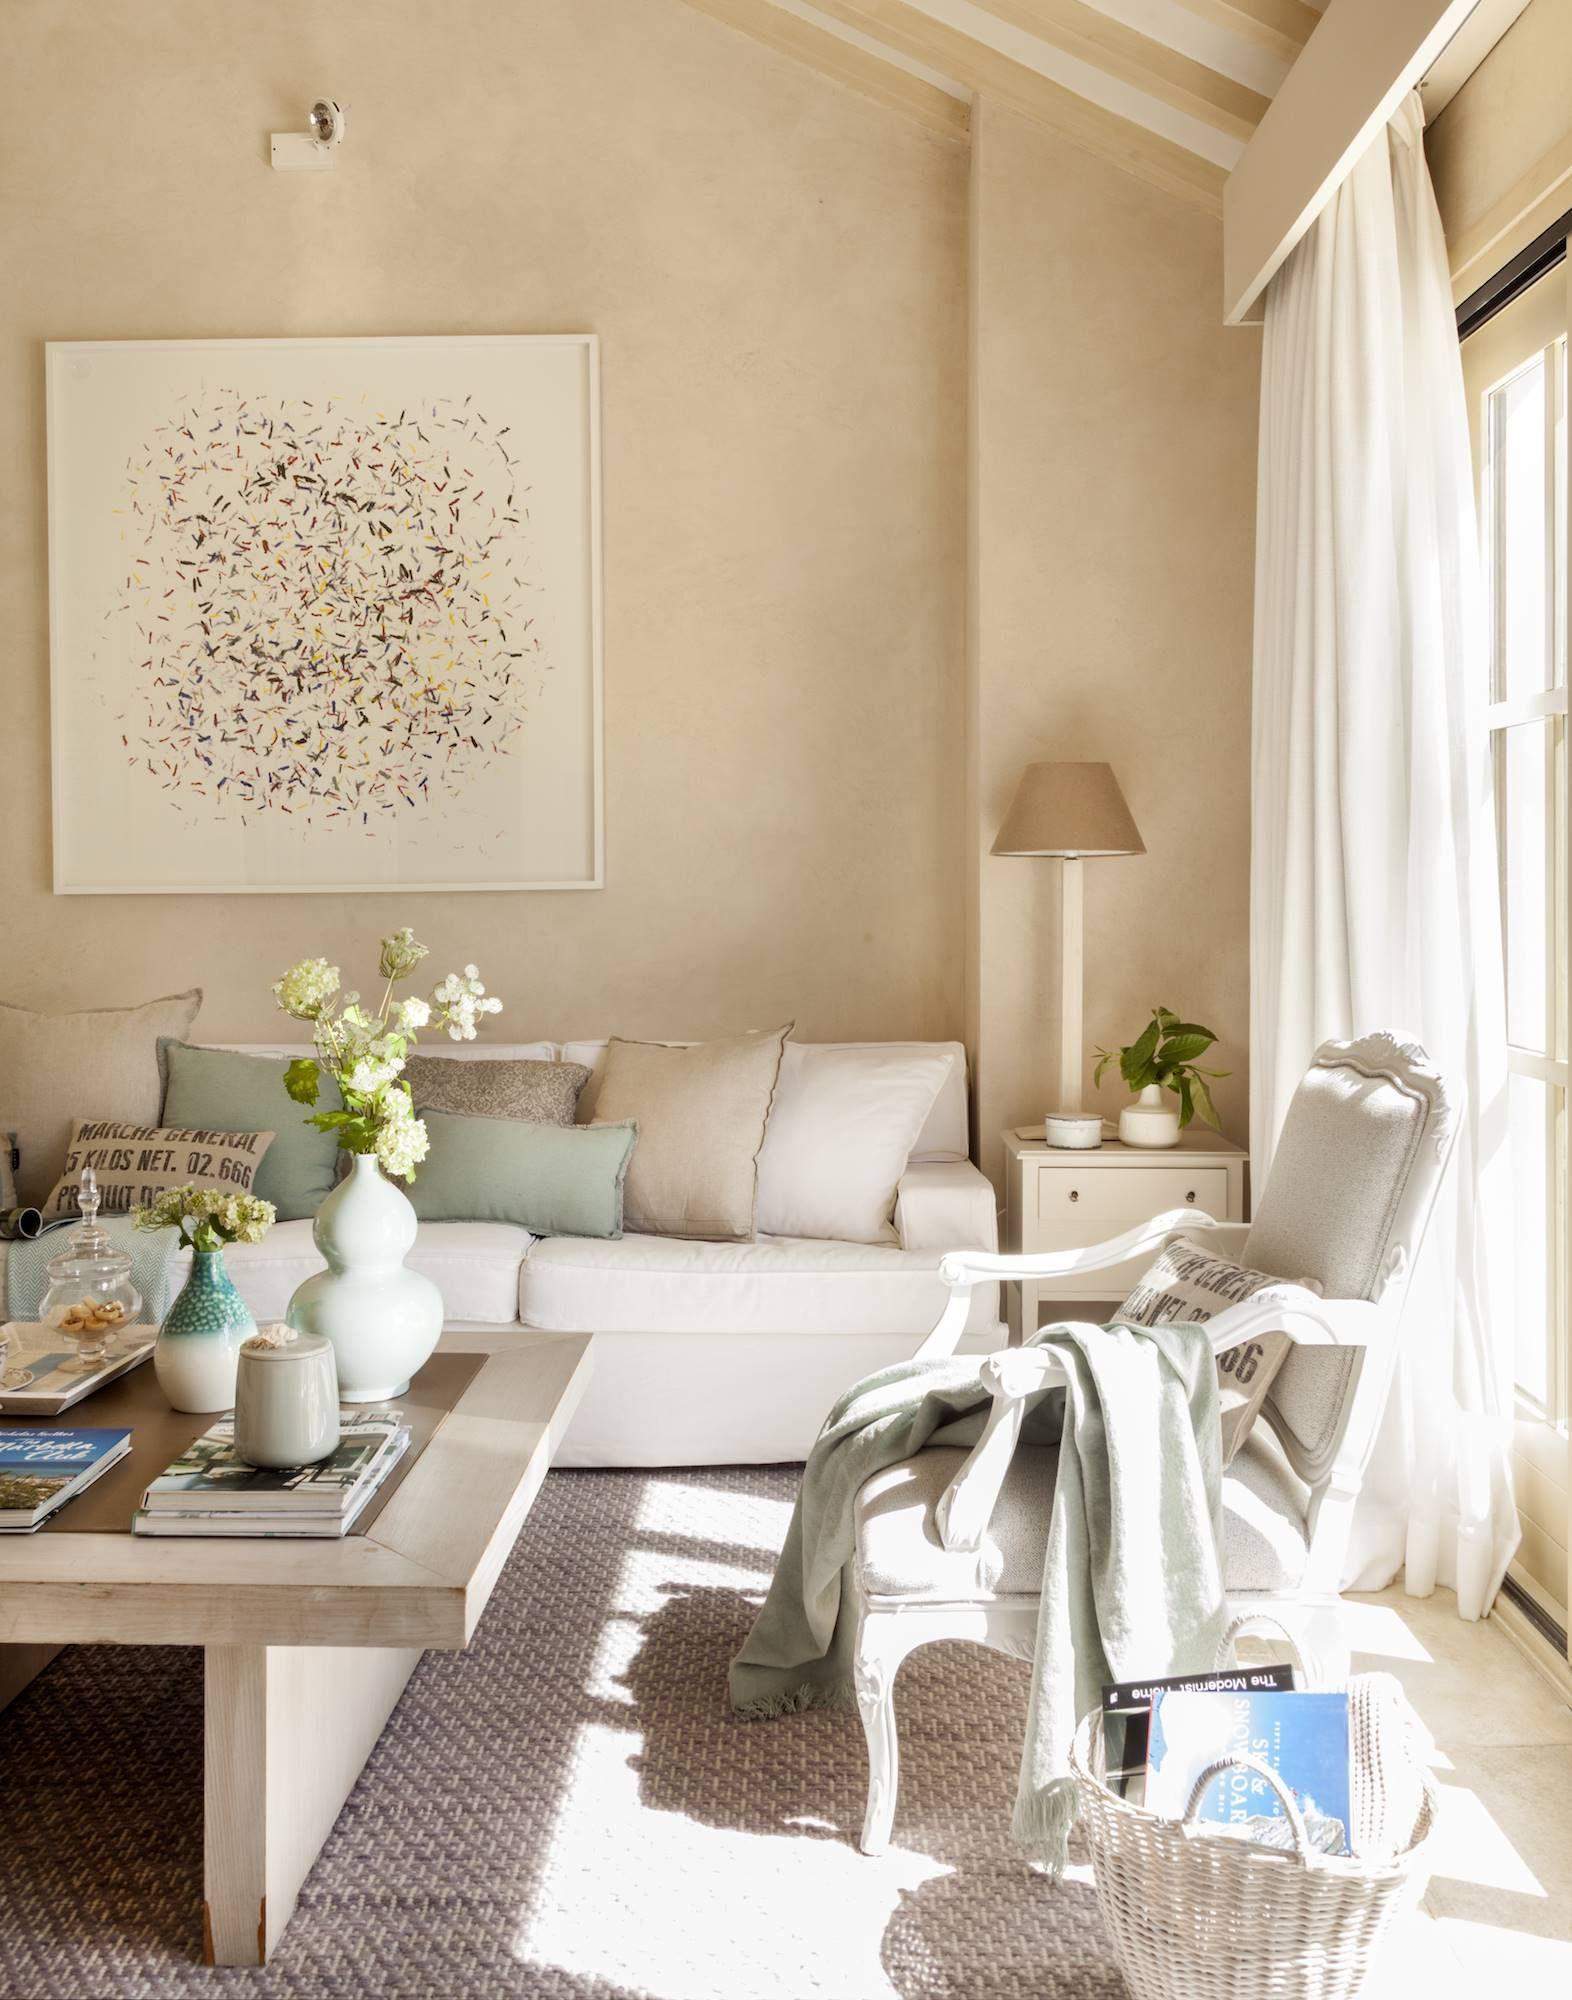 Para Cubrir Decapar O Envejecer La Madera Salones Calidos Decoracion Sofa Blanco Decoracion De Interiores Salones